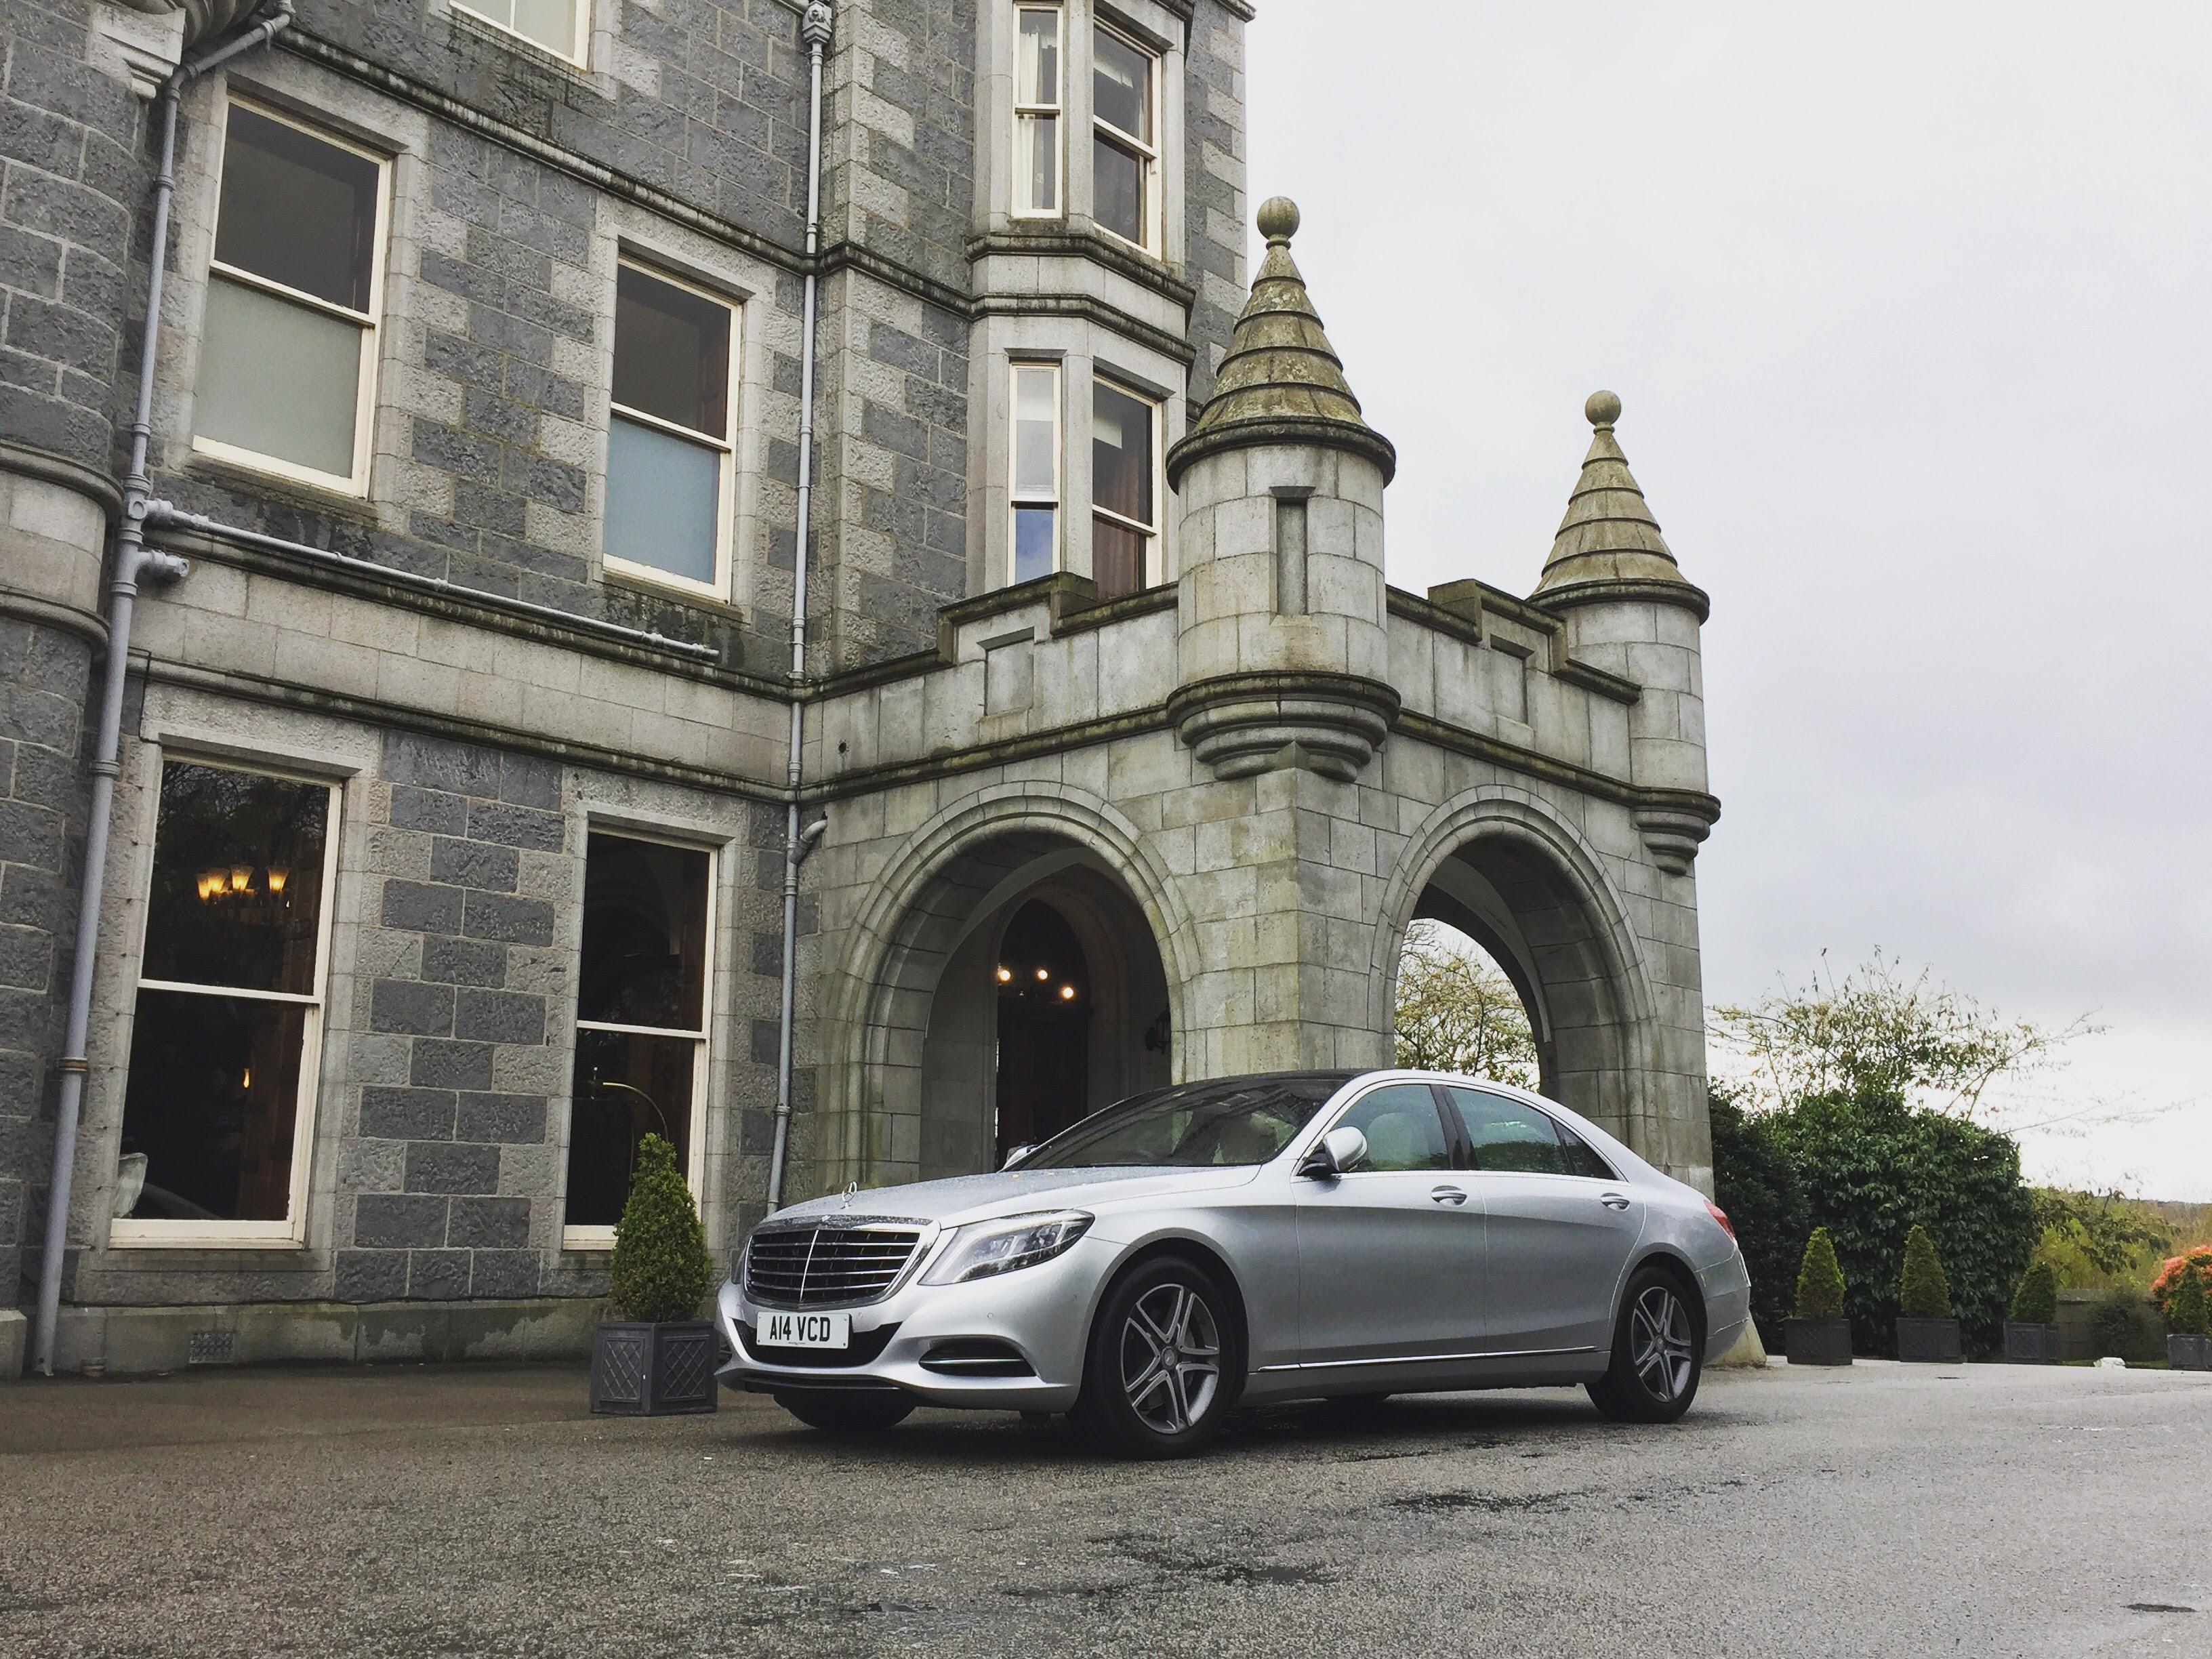 Mercedes-Benz S Class Ardoe House